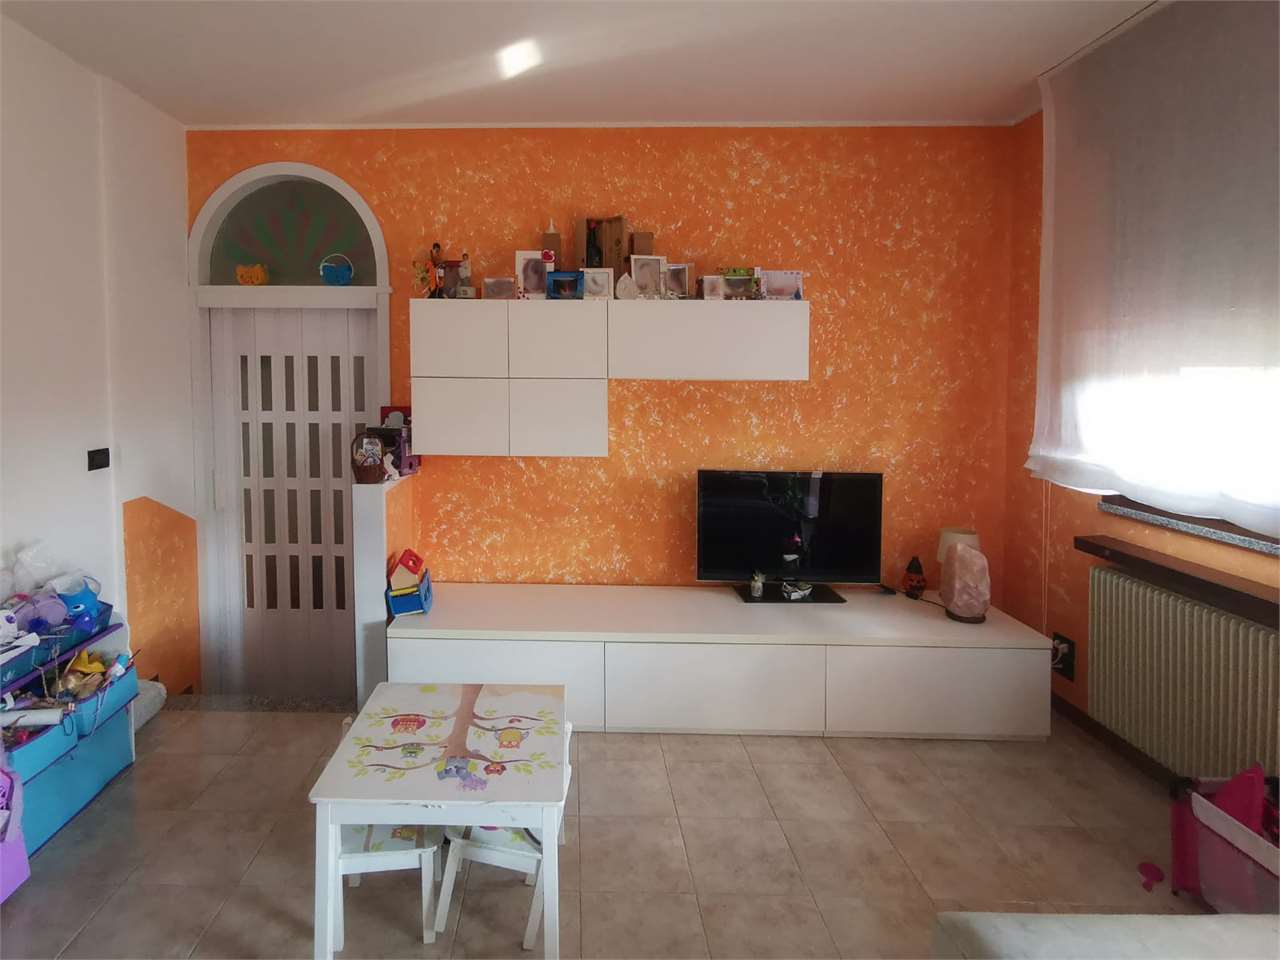 Appartamento in vendita a Cappella Maggiore, 5 locali, zona Zona: Anzano, prezzo € 128.000 | CambioCasa.it